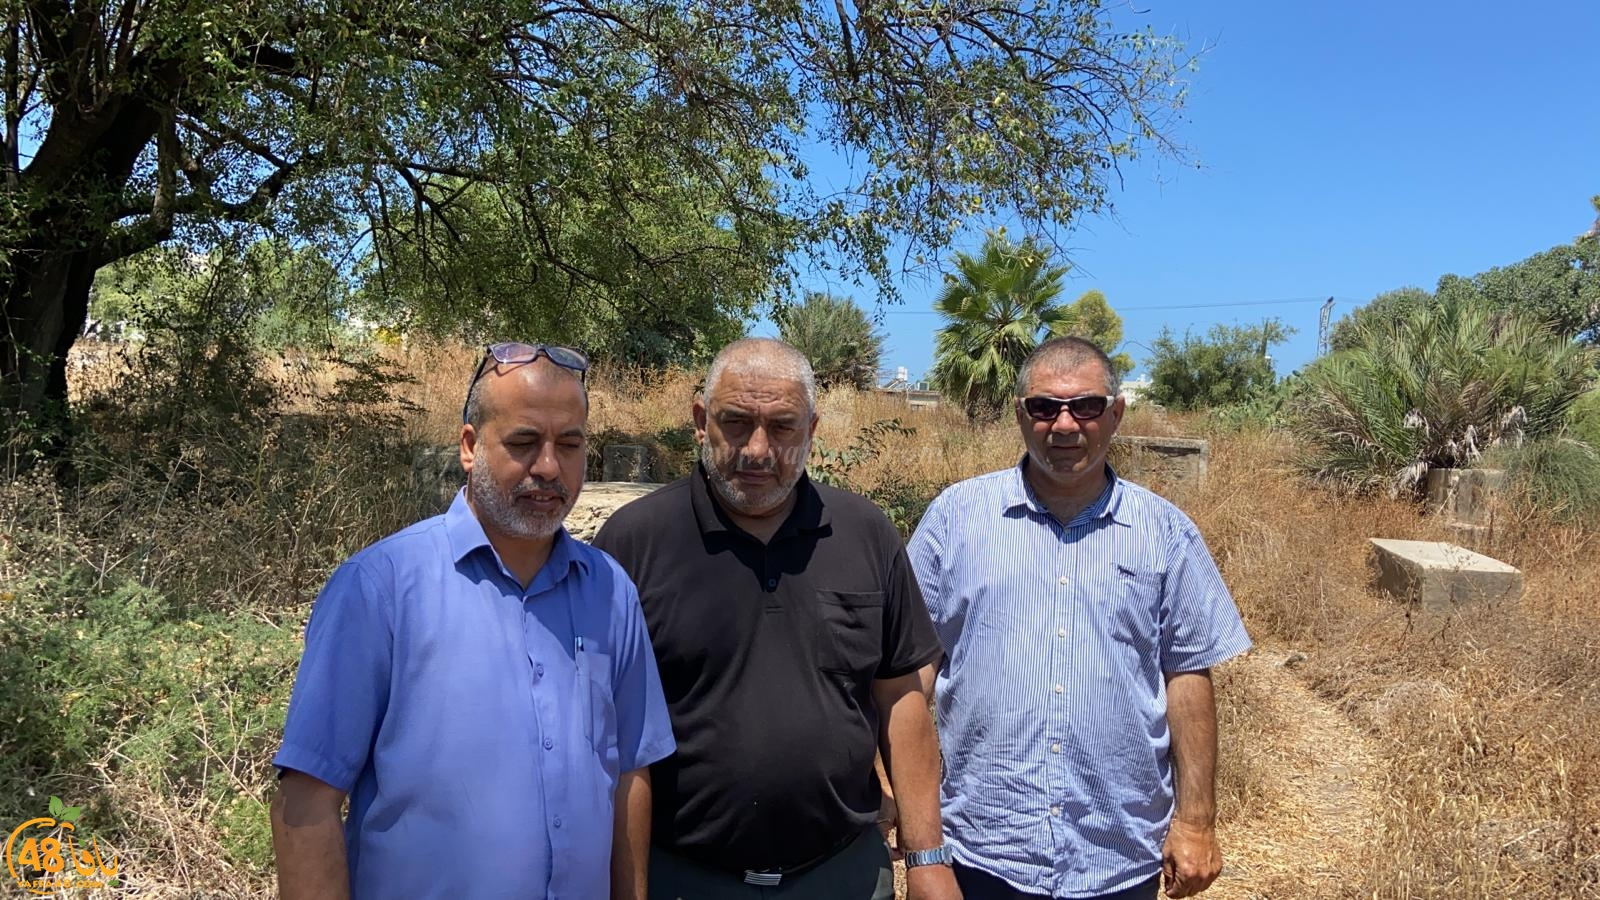 زيارة لمقبرة الشيخ مراد بيافا تمهيداً لاقامة مشروع ترميم فيها